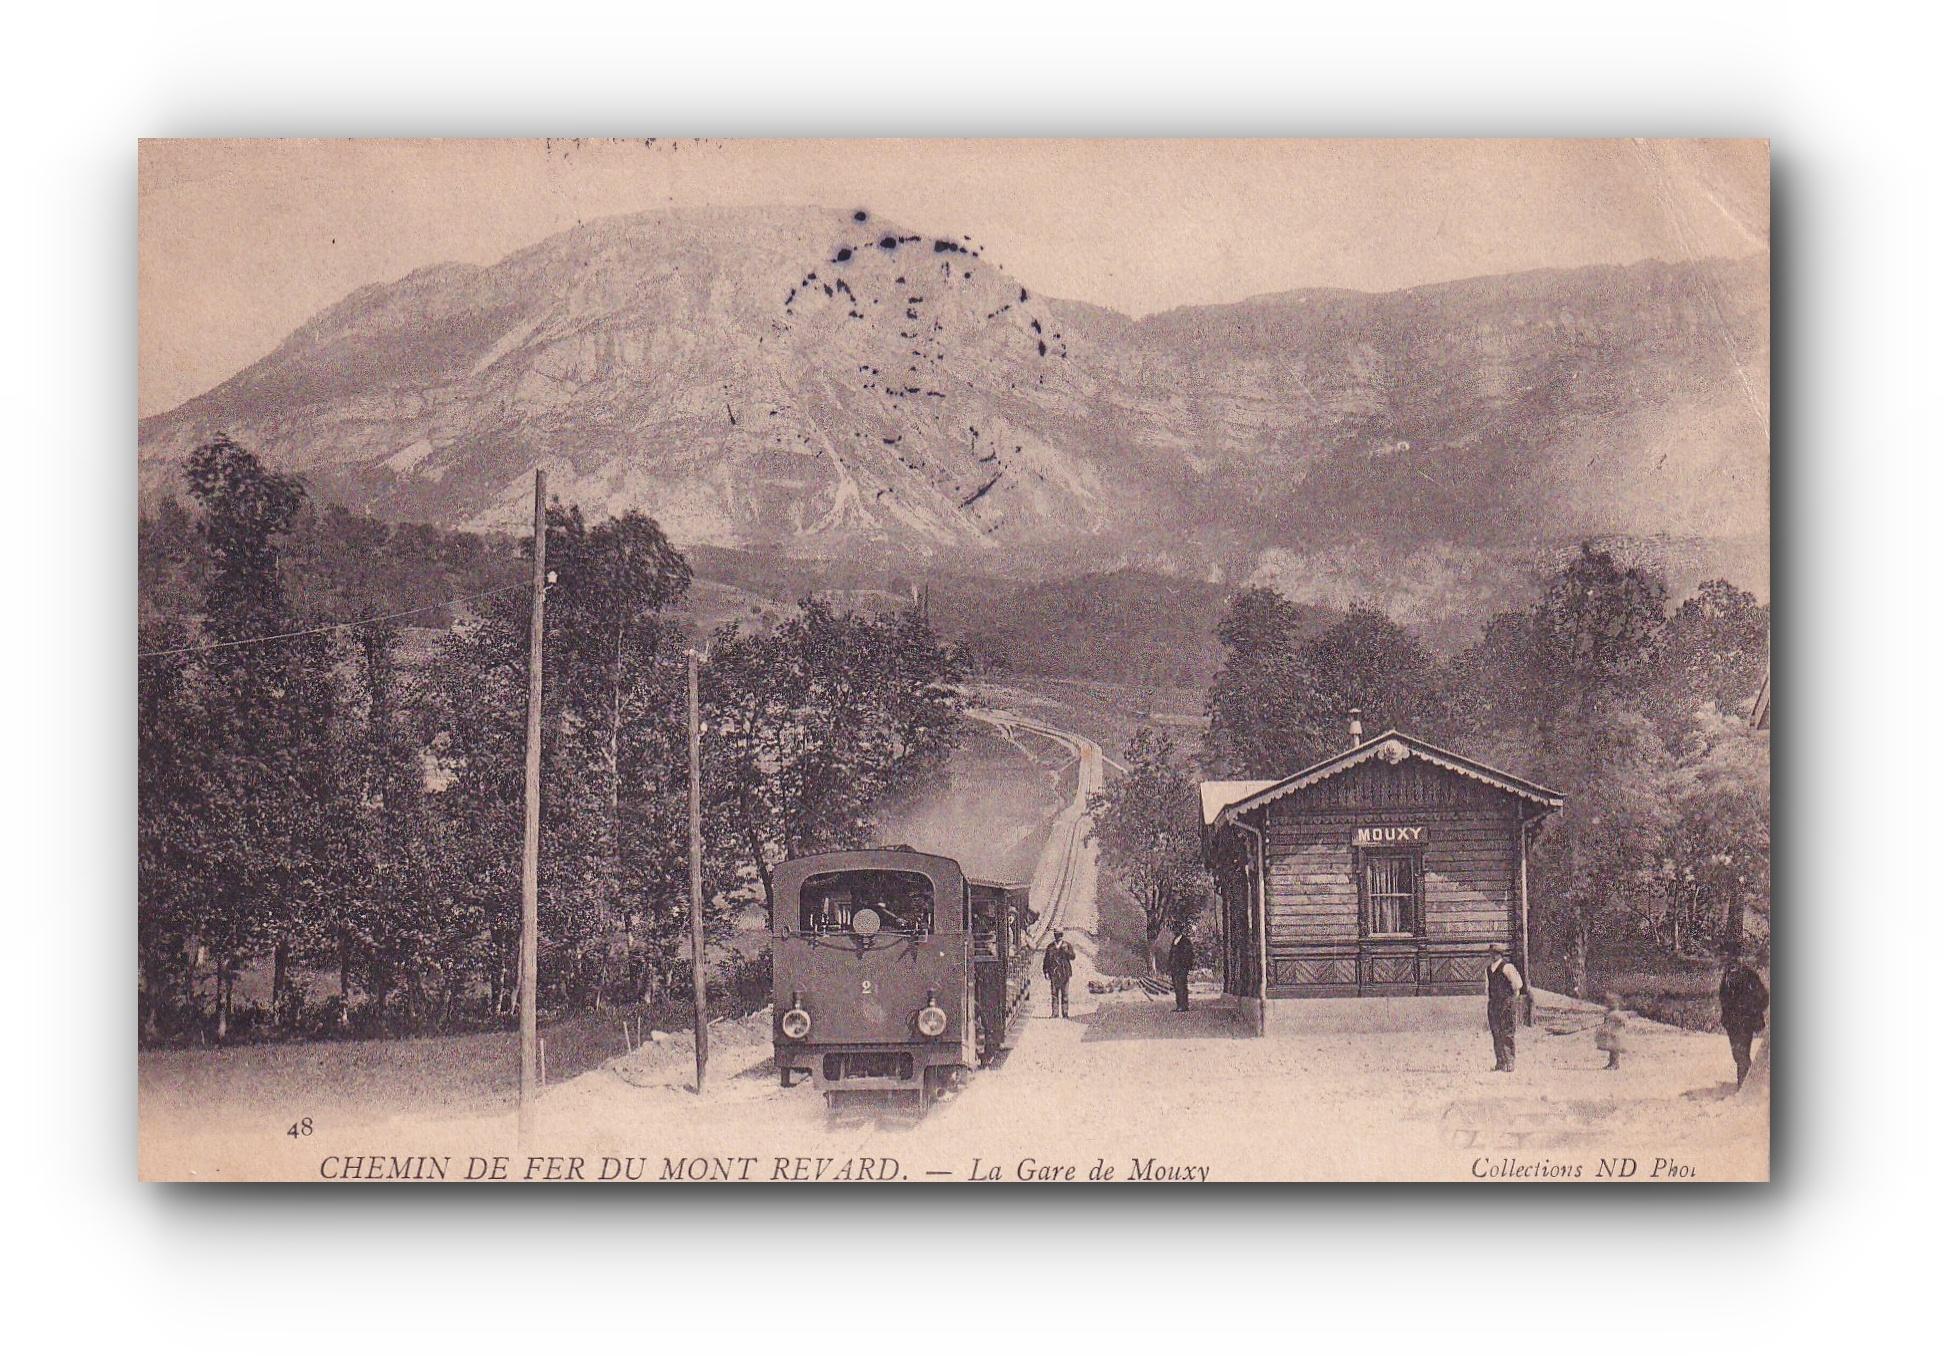 Chemin de fer du Mont Revard - 25.04.1905 - Eisenbahn am Mont Revard - Mont Revard Railway